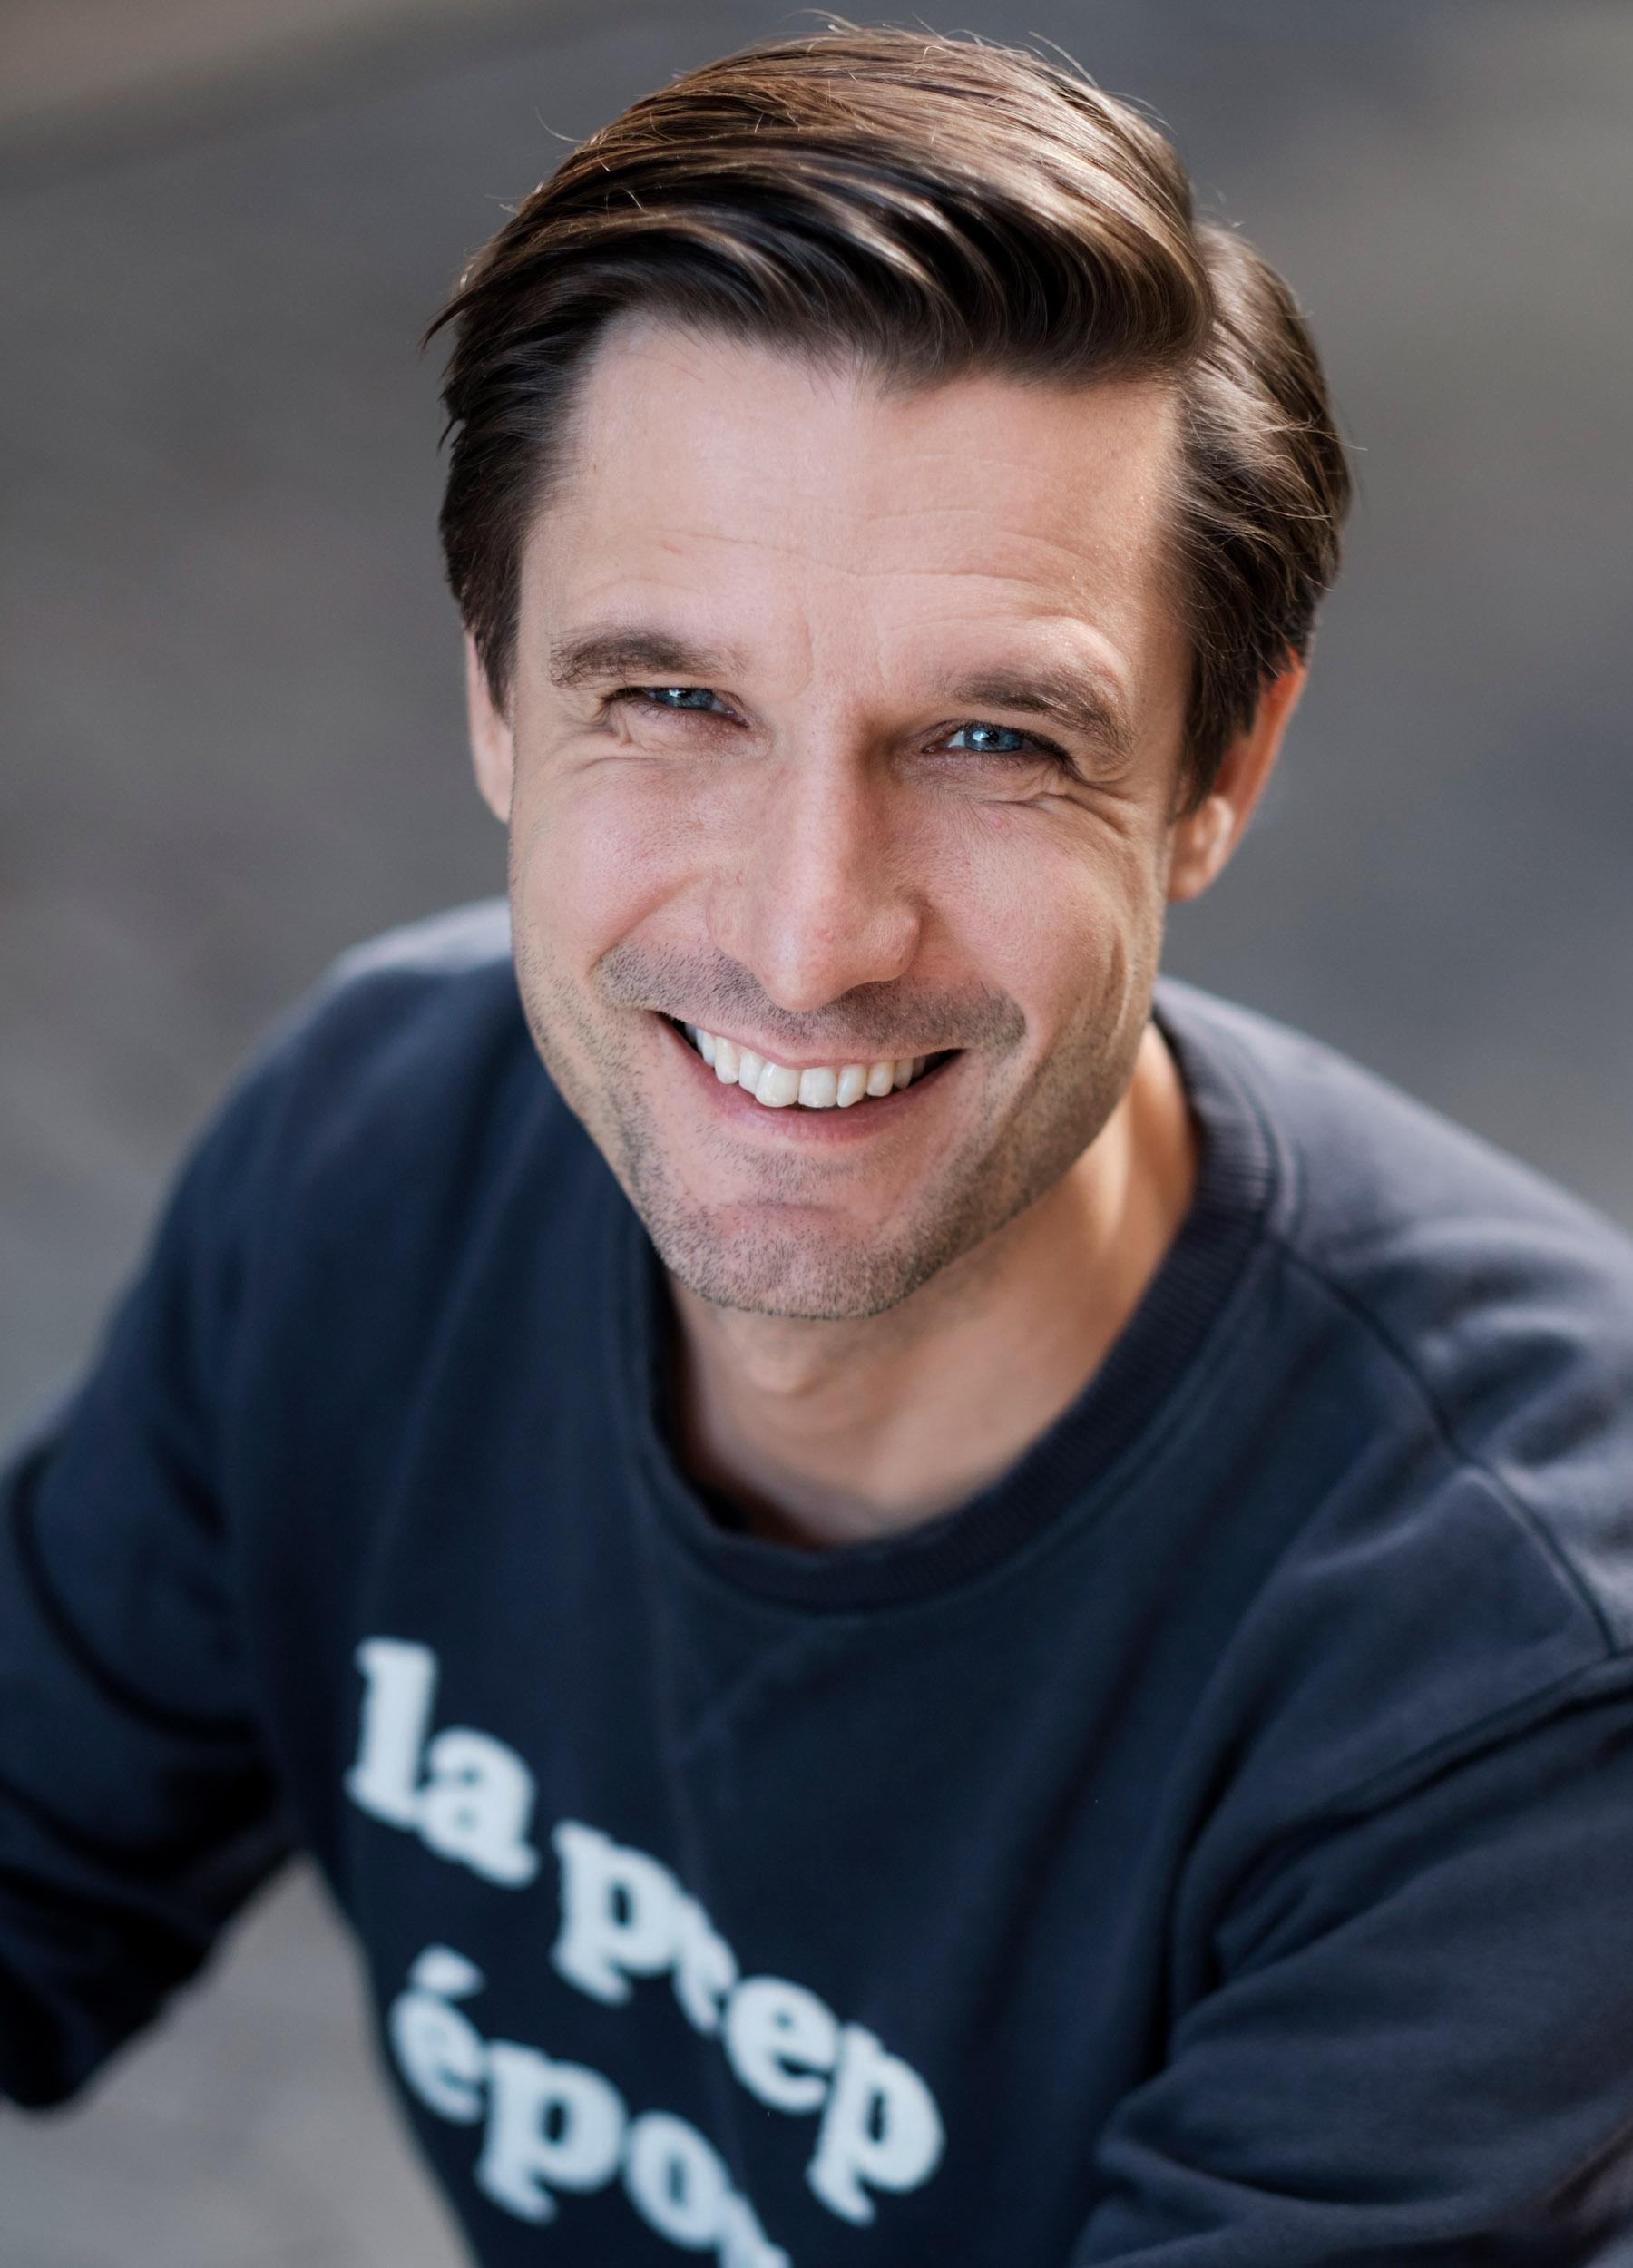 Morten Resen